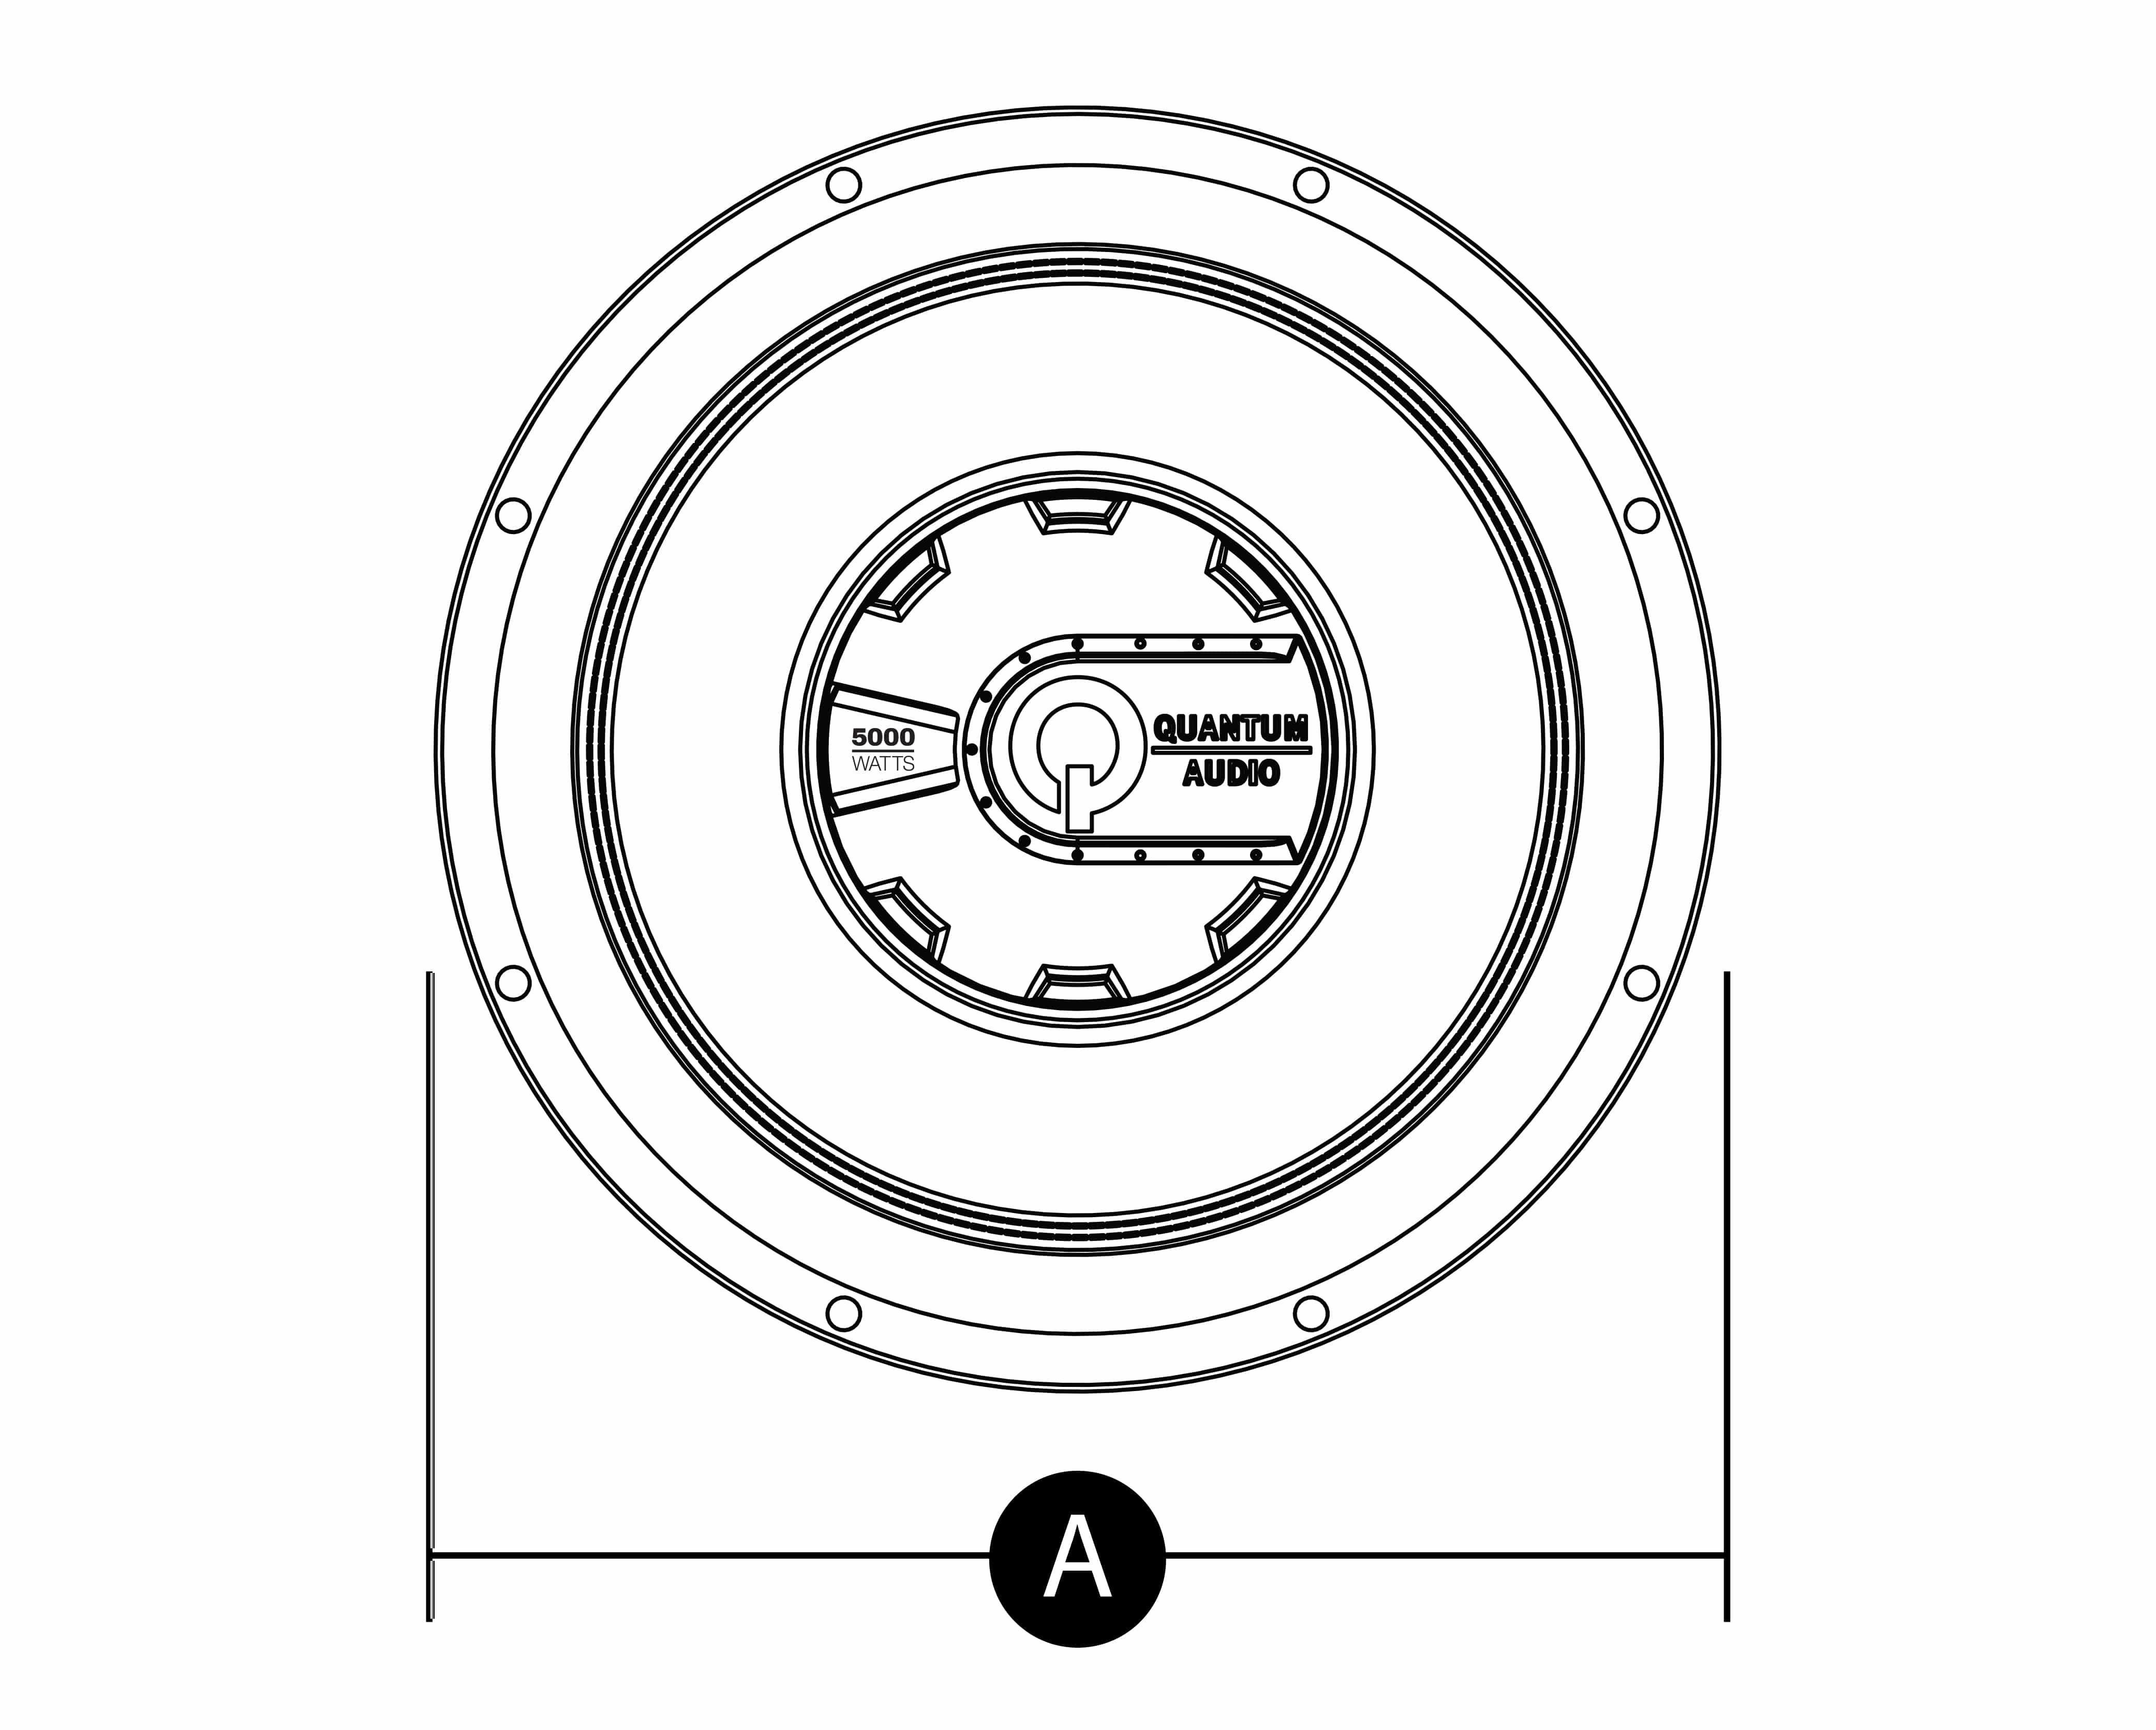 Qw 12d4 Quantum Audio